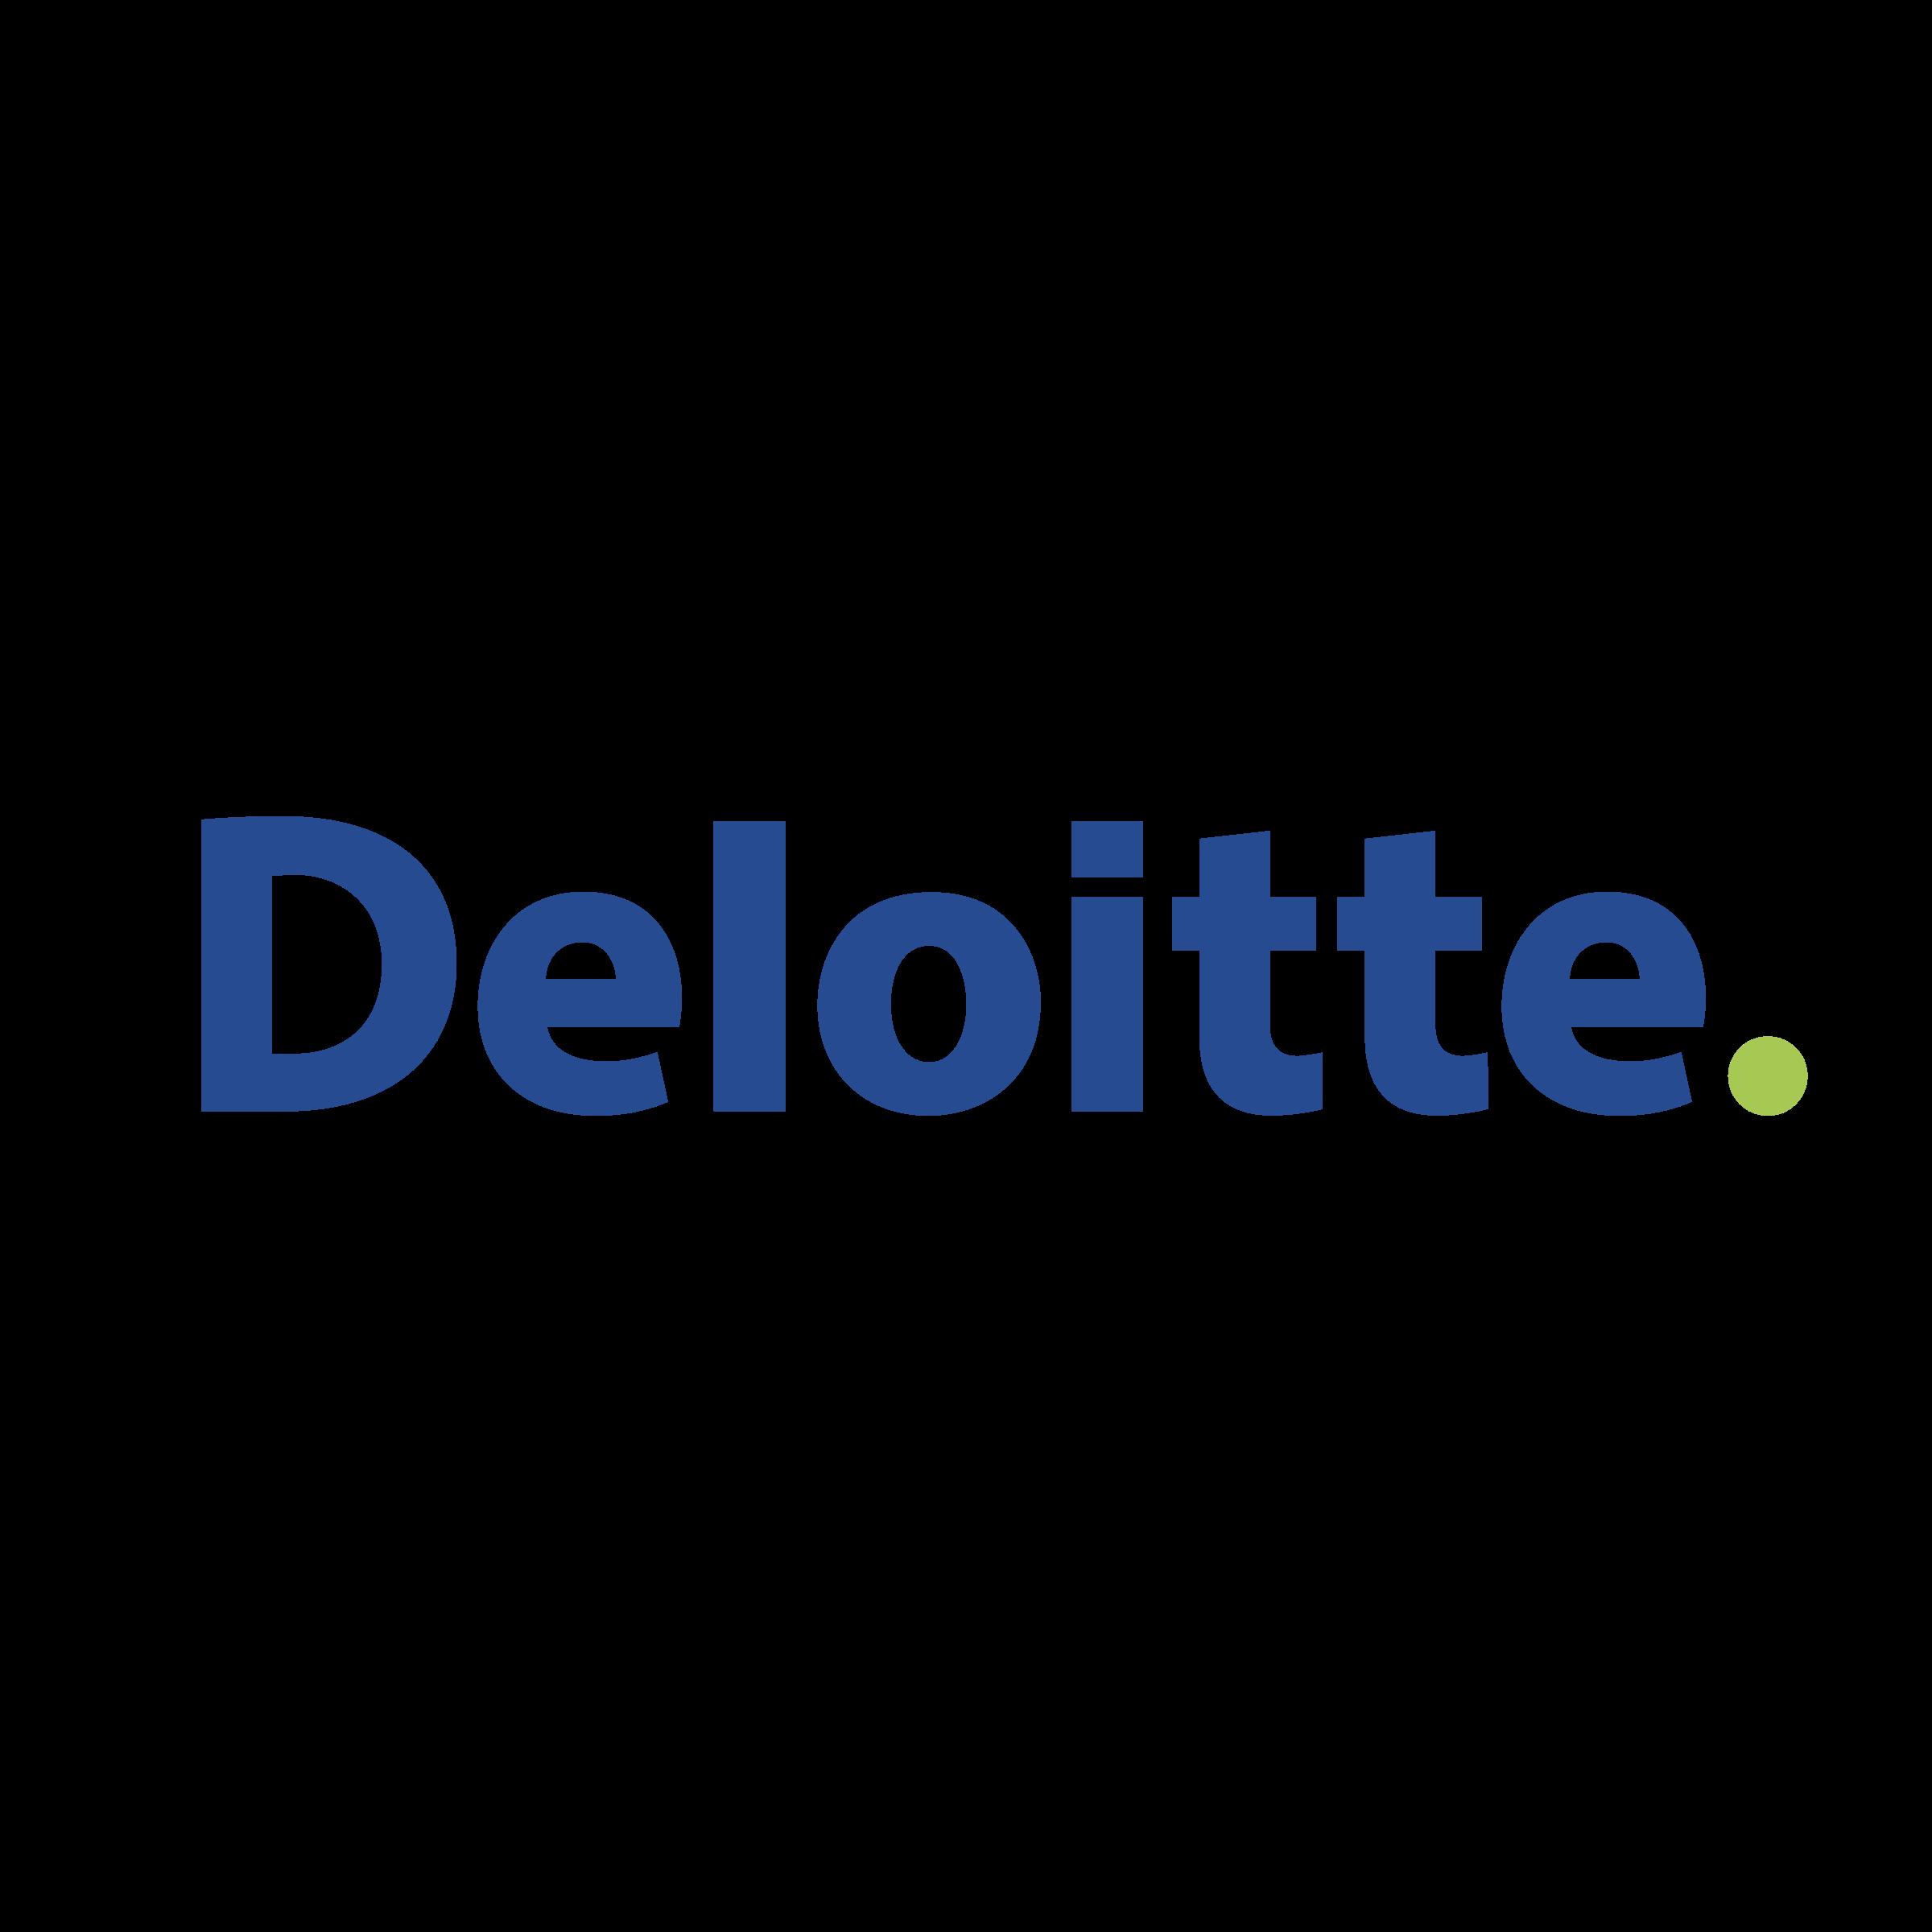 deloitte-logo-png-transparent